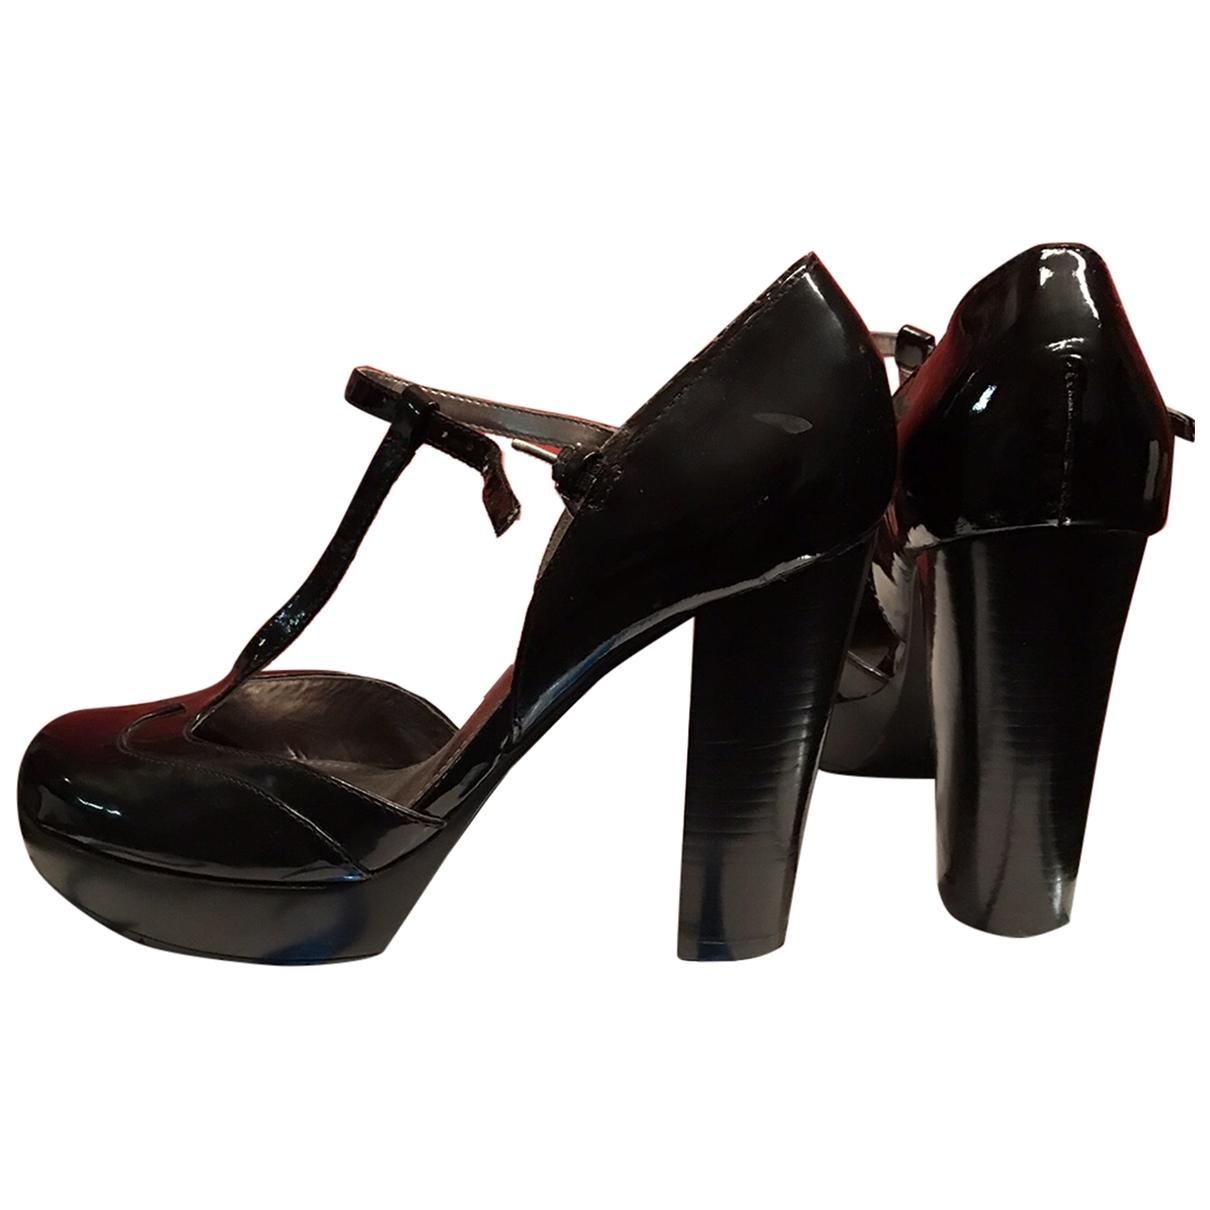 Guess - Escarpins   pour femme en cuir verni - noir